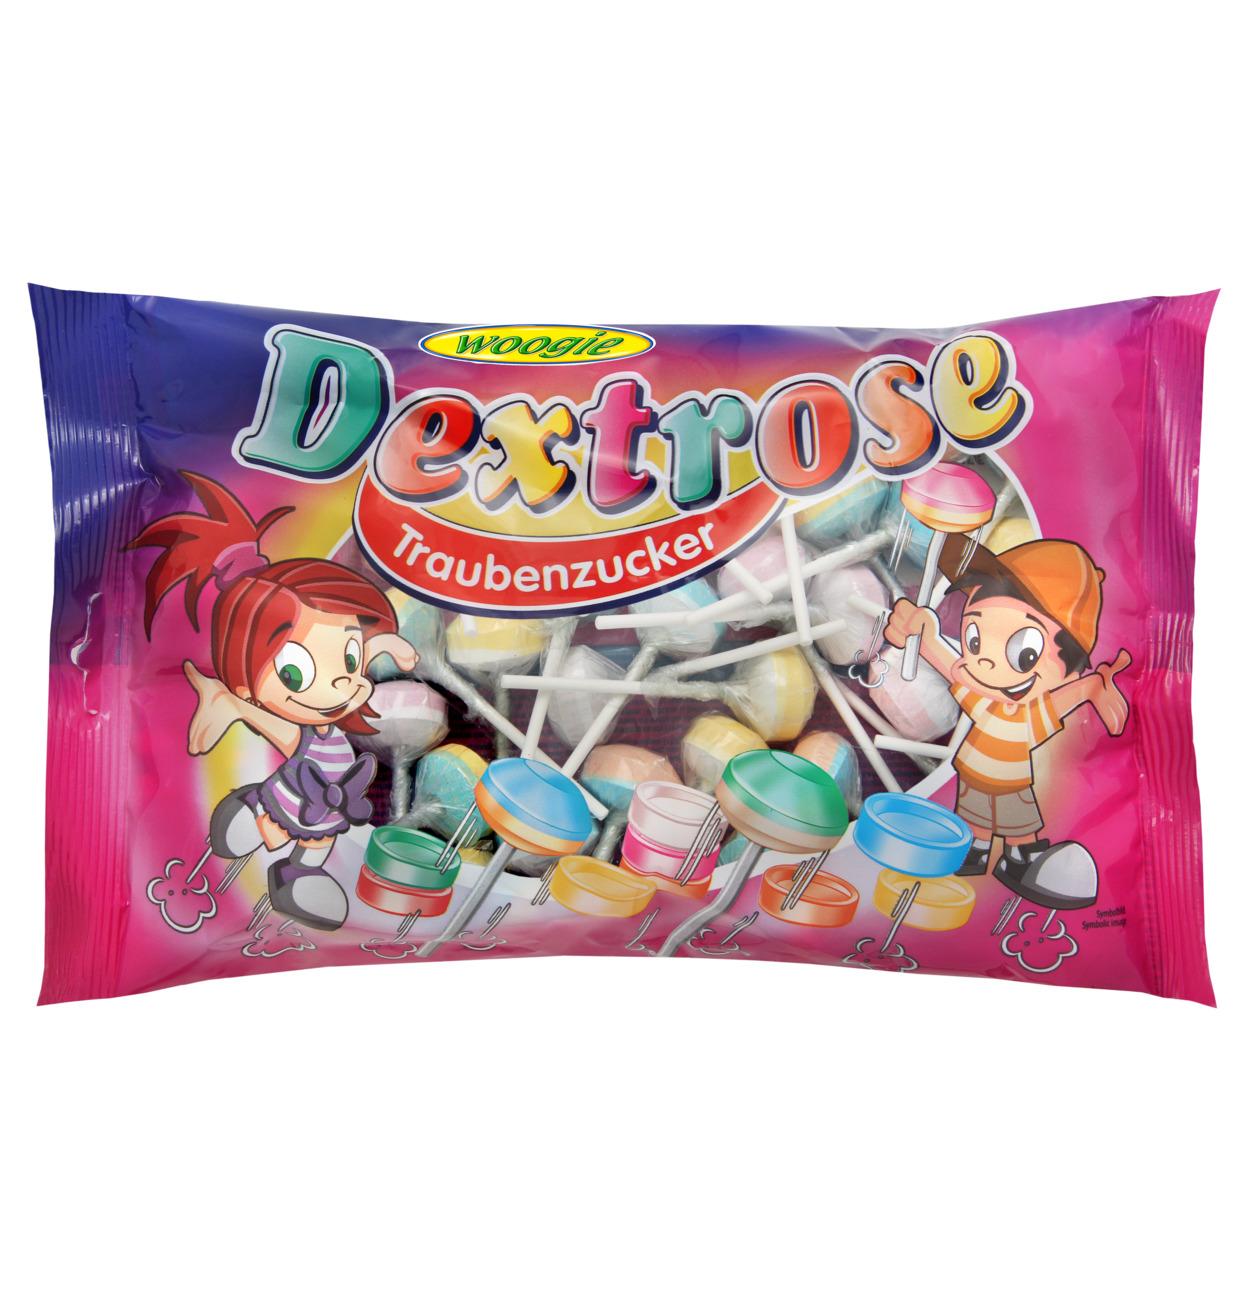 Woogie Dextrose lollipops 400g